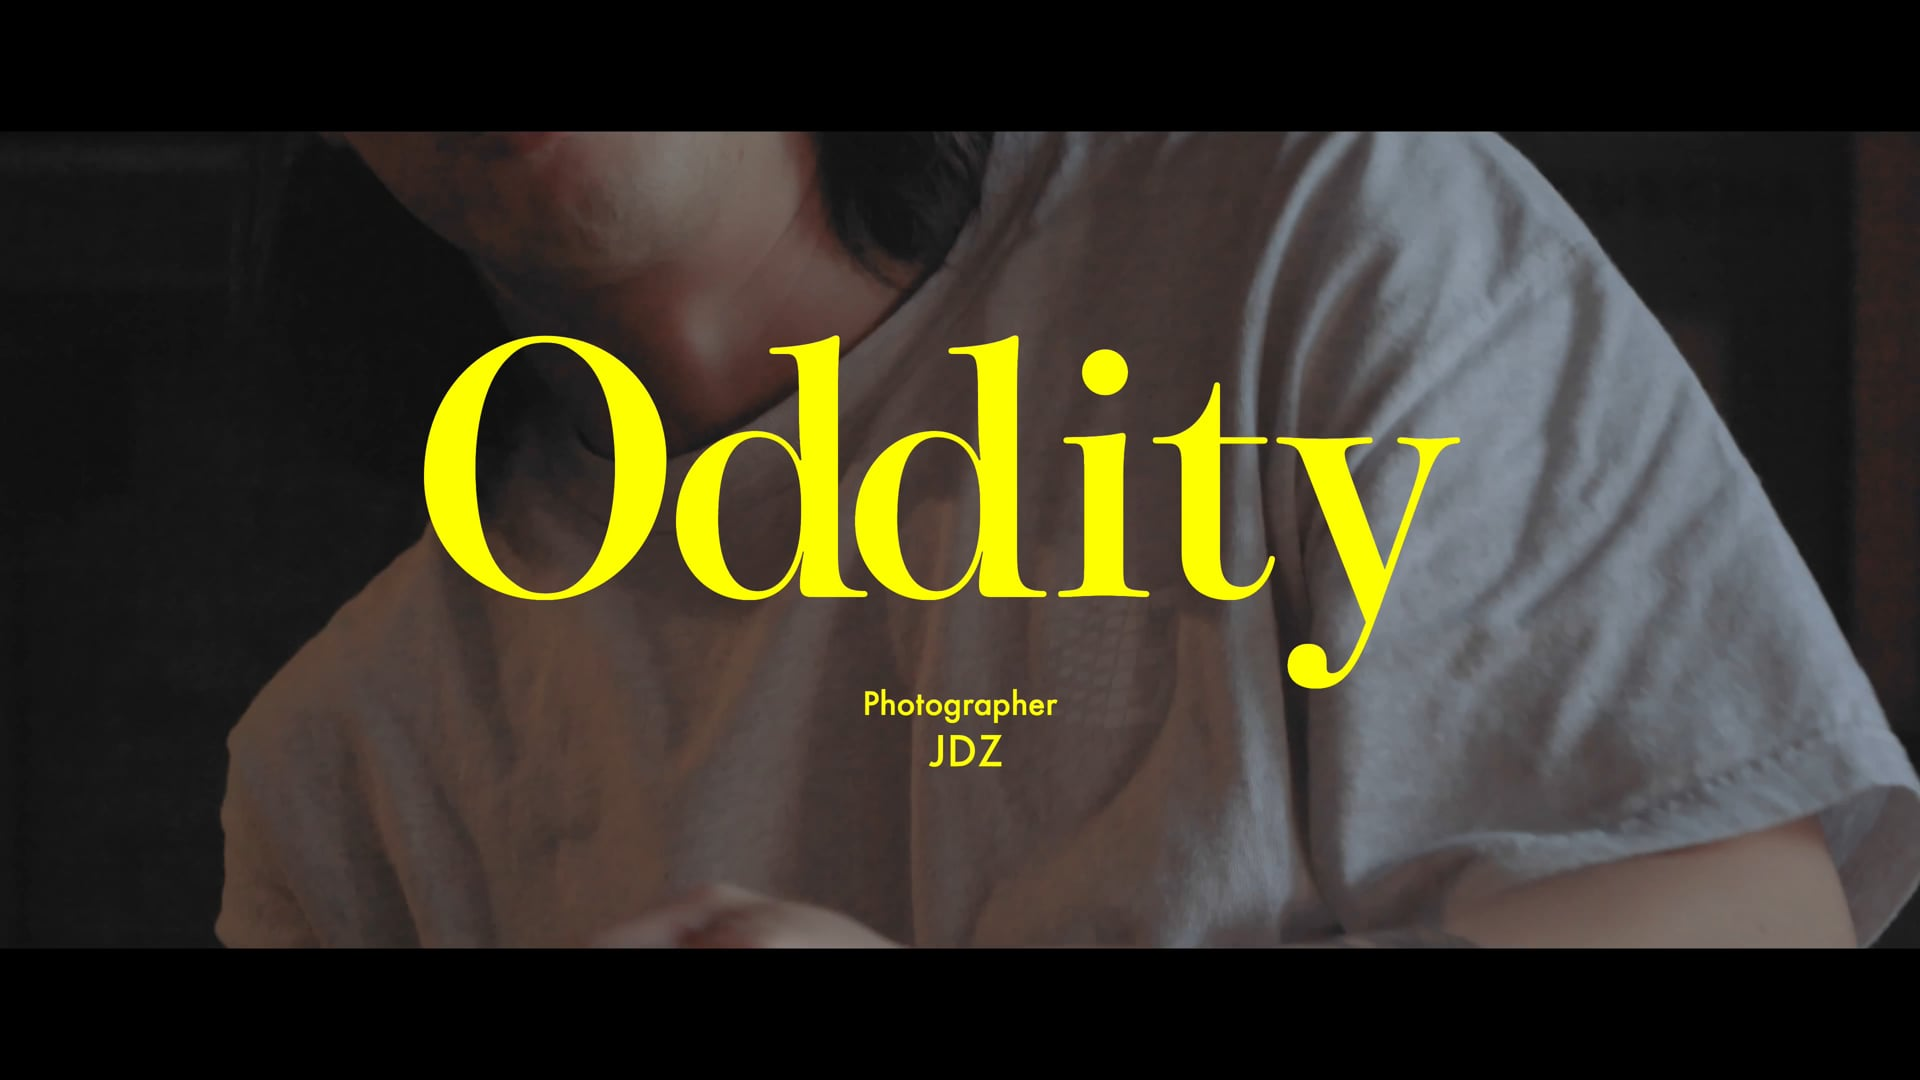 Oddity - JDZ